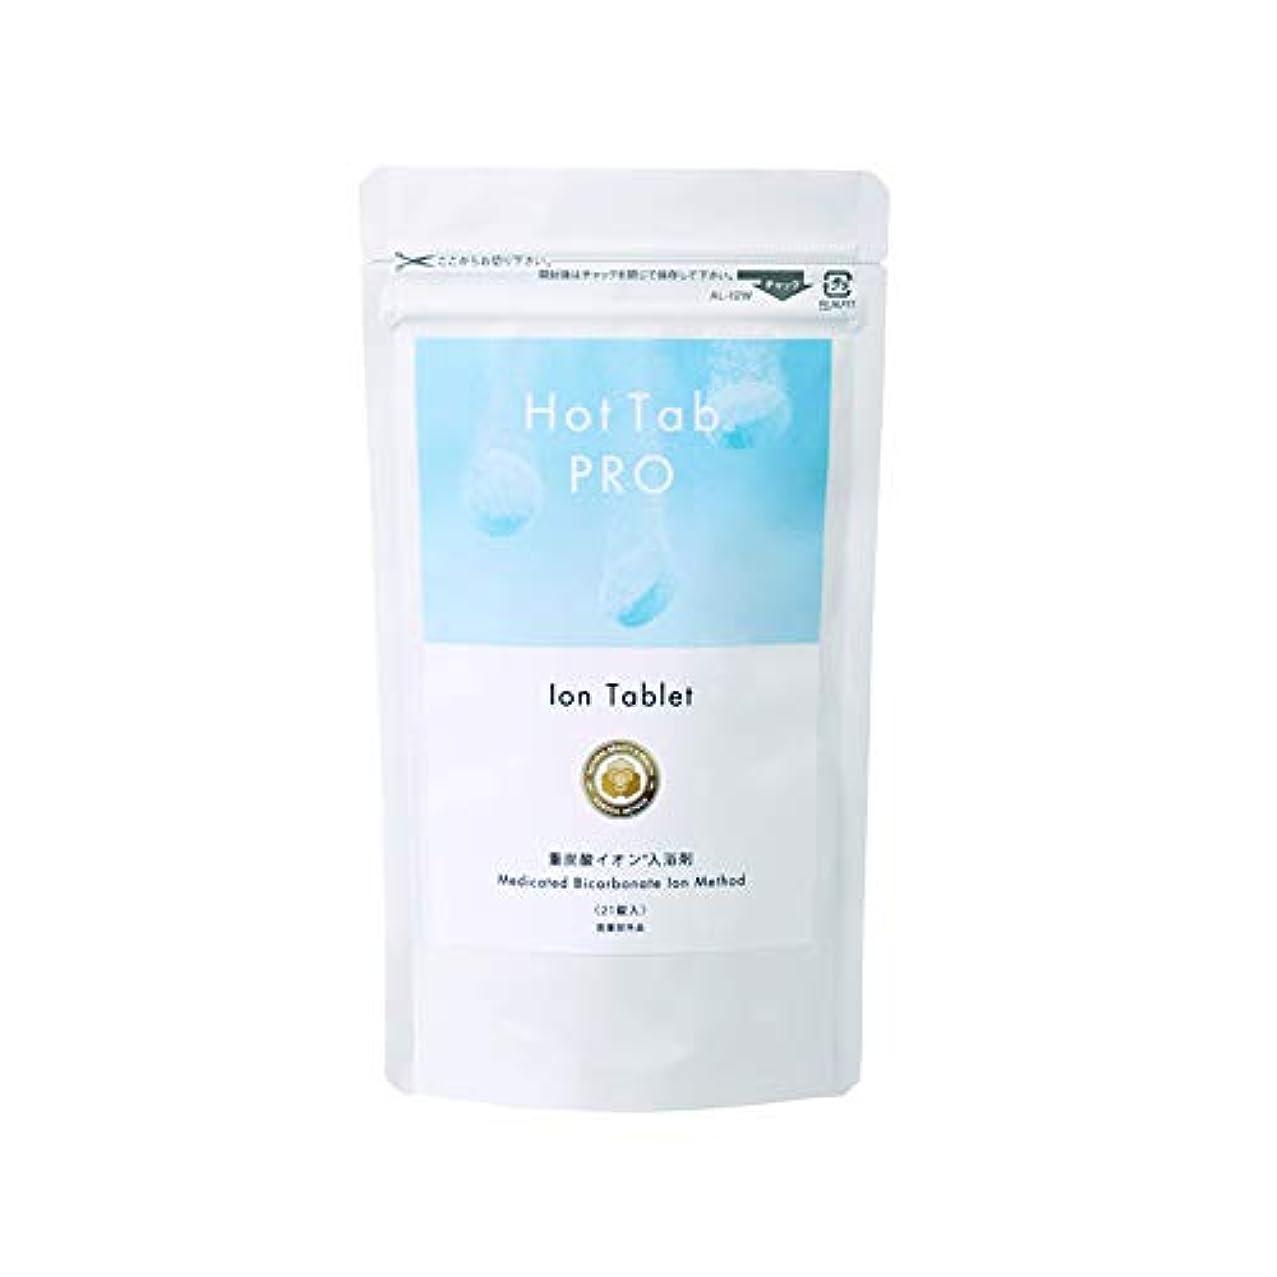 誰袋ランチョン最新型 日本製なめらか重炭酸入浴剤「ホットタブPro」(デリケートな肌でも安心 無香料 無着色 中性pH) (21錠セット)